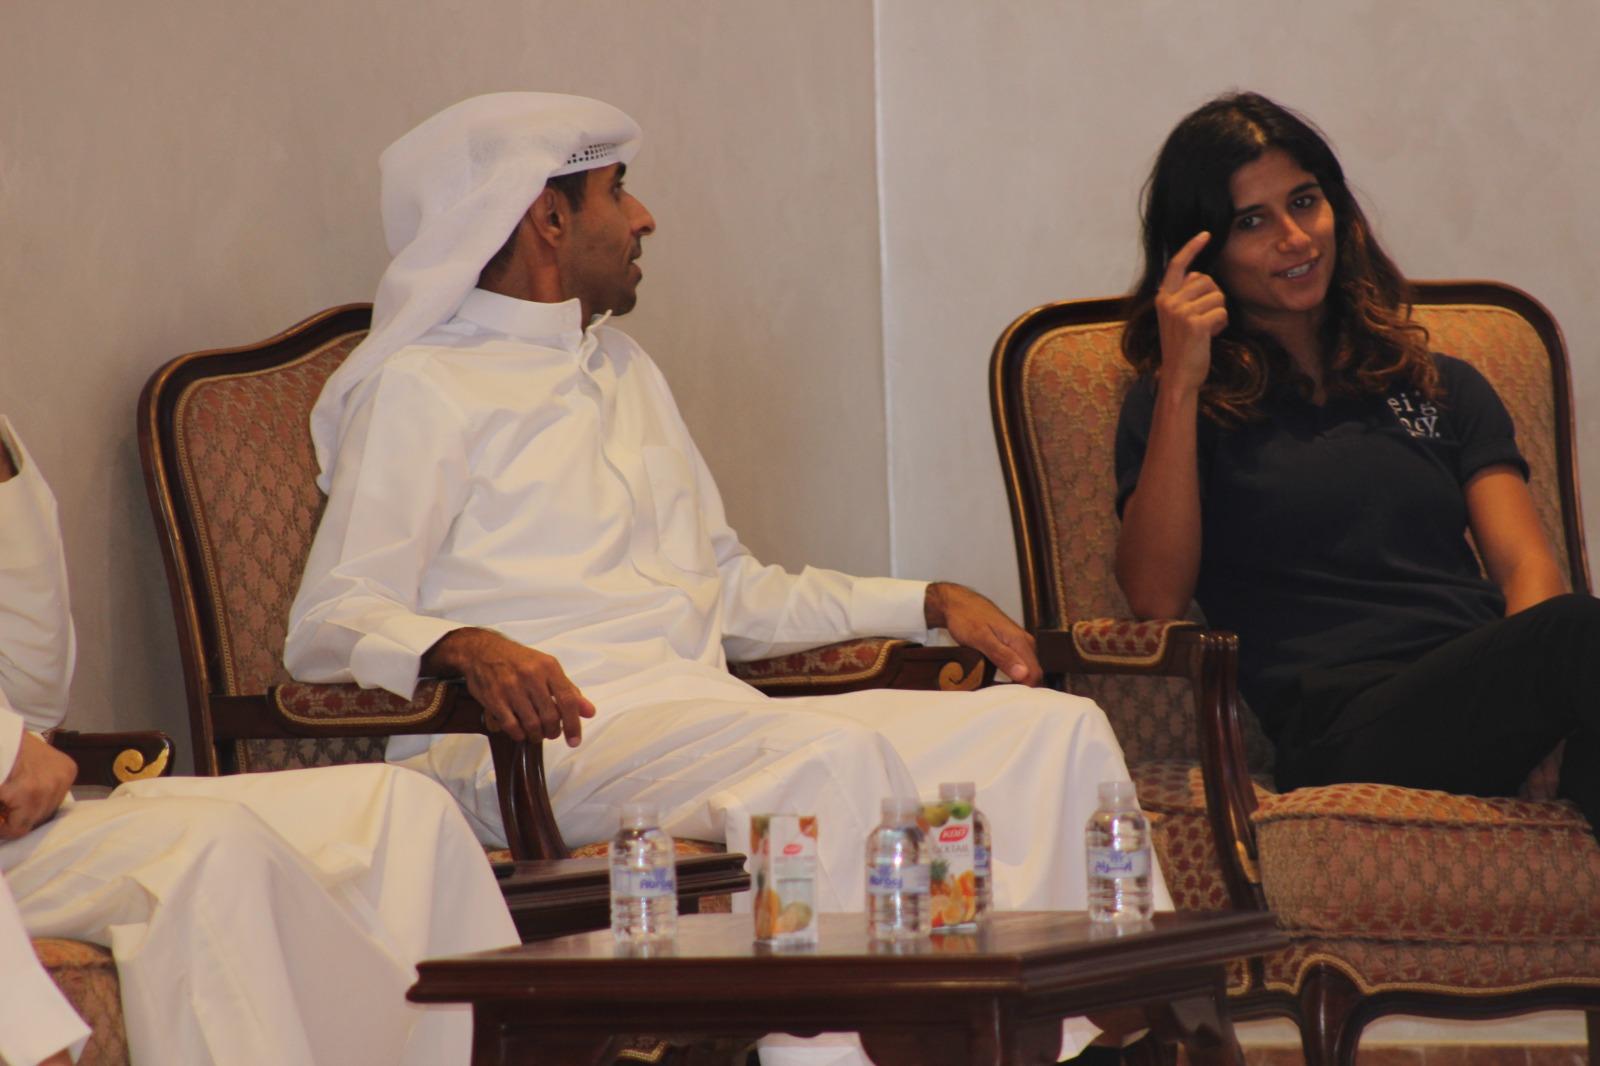 Rabaa_women in tri story_Kuwait